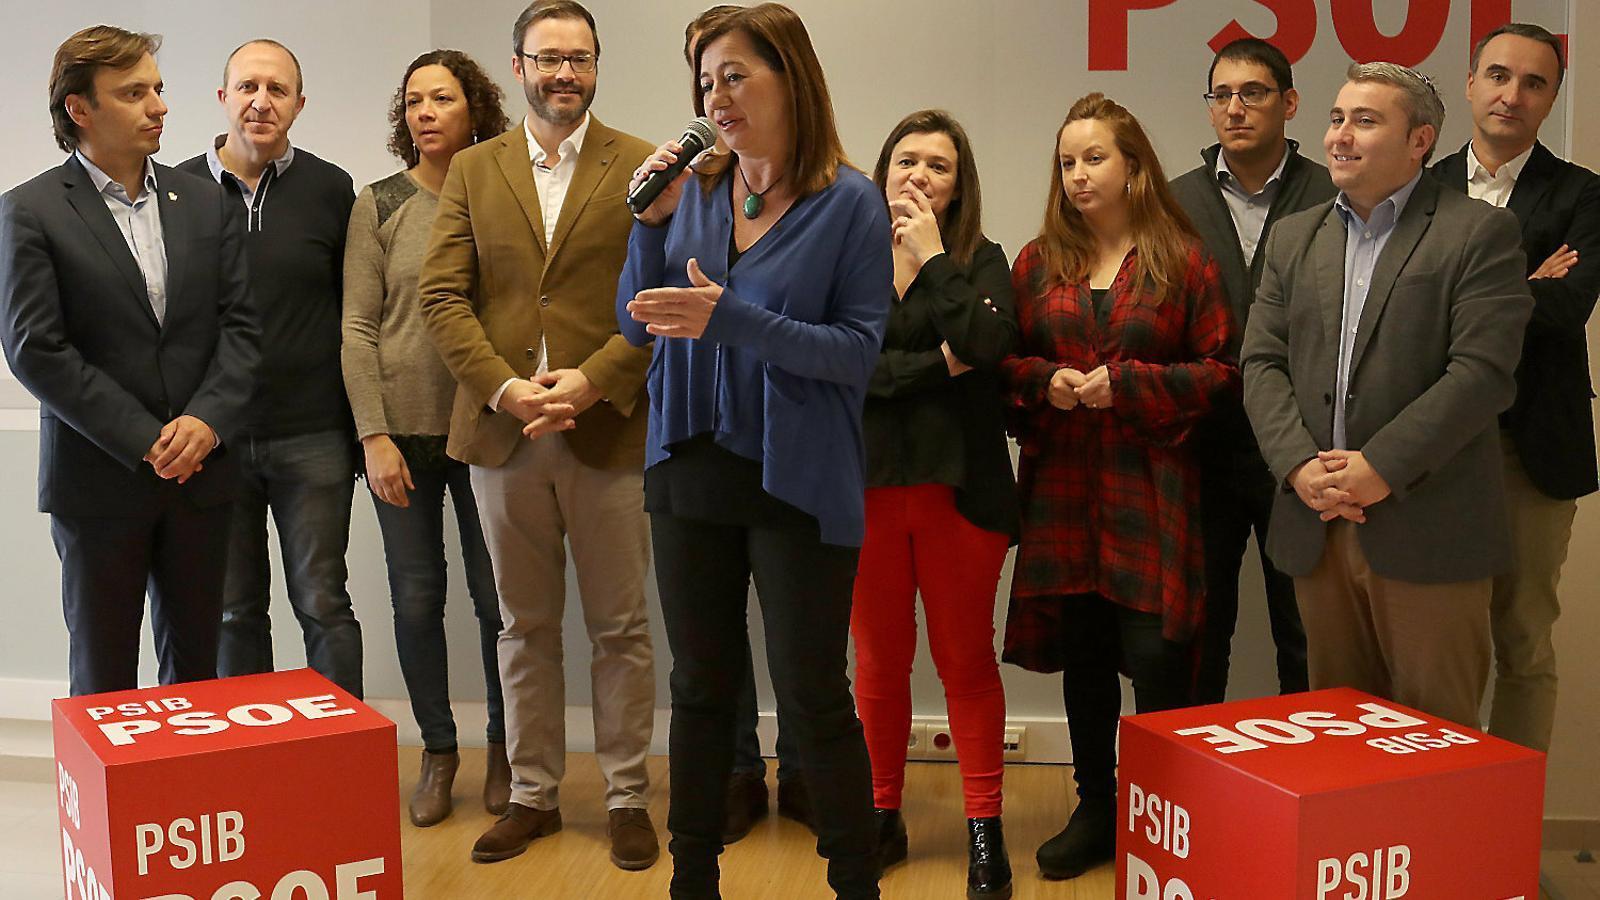 Imatge d'un acte electoral del PSIB.